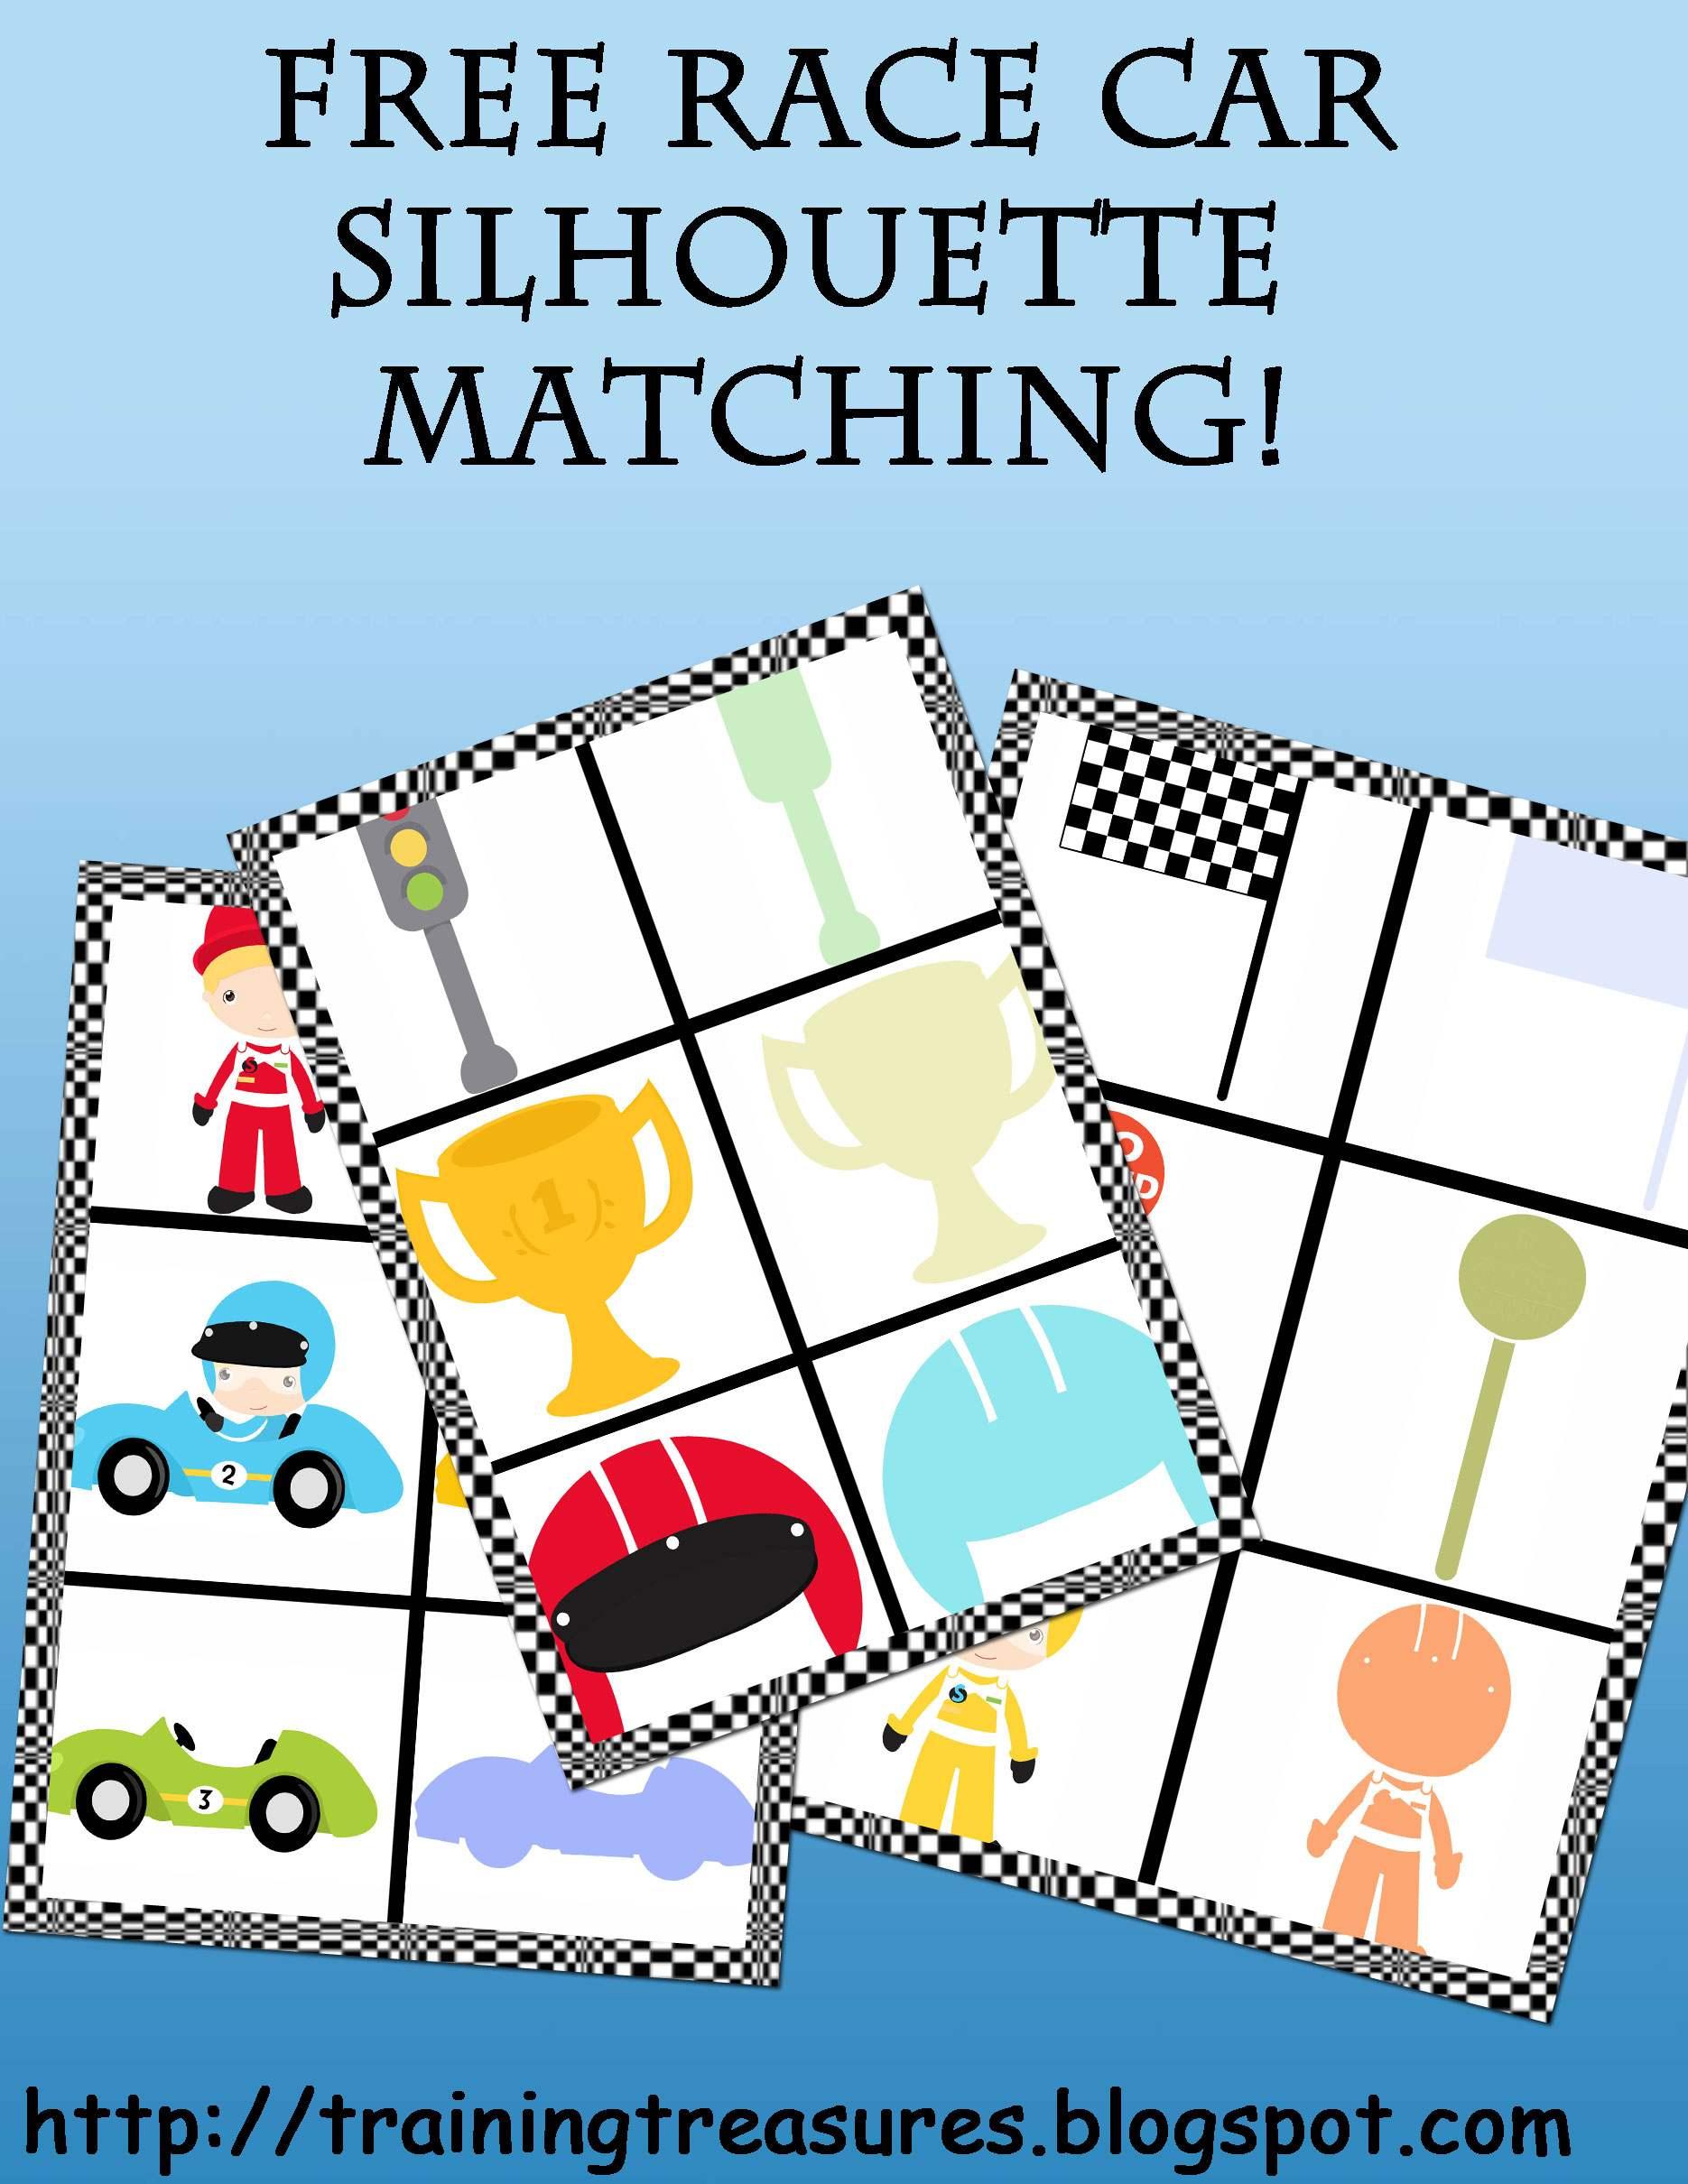 Free Race Car Matching Game